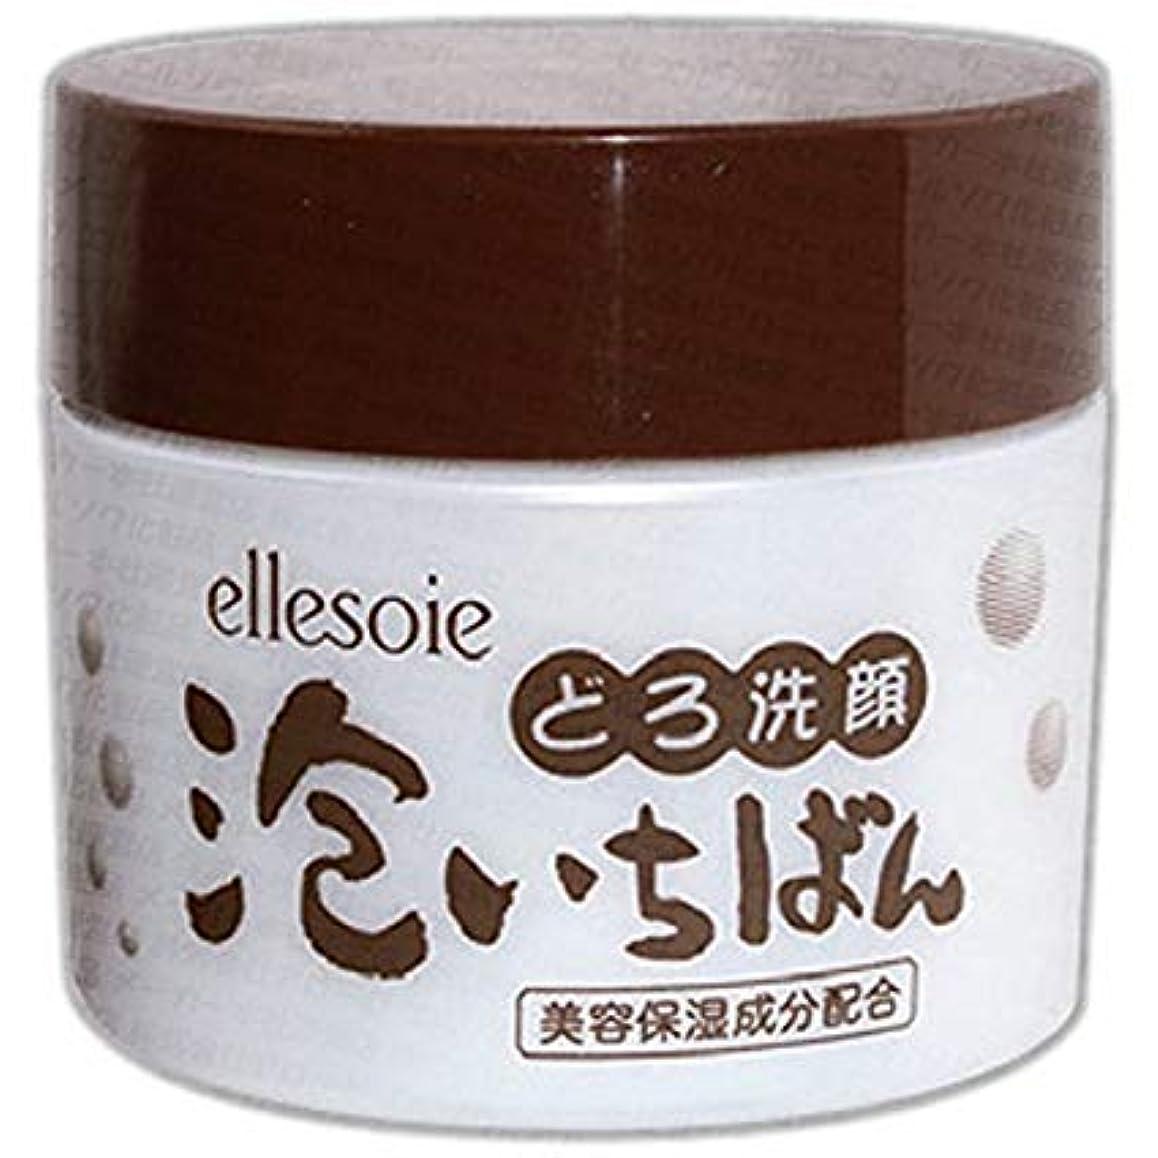 始めるクールパトワエルソワ化粧品(ellesoie) どろ洗顔 泡いちばん 120g入り (ジャー容器入り120g)